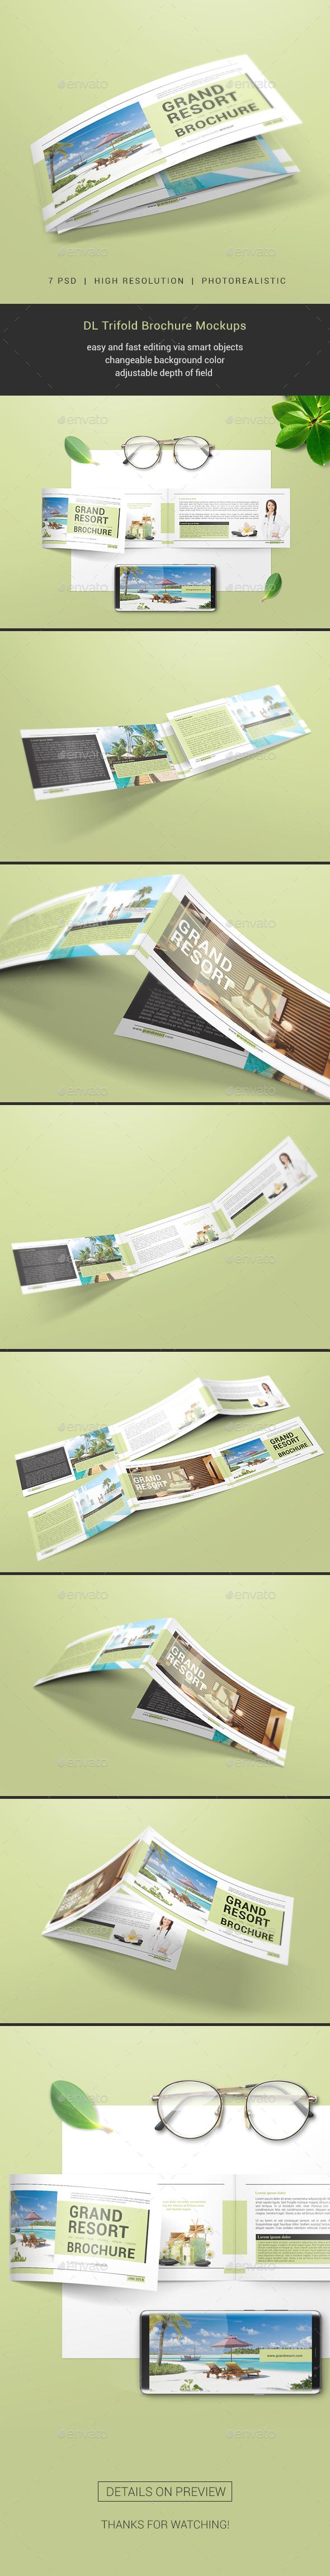 DL Trifold Brochure Mockups - Brochures Print